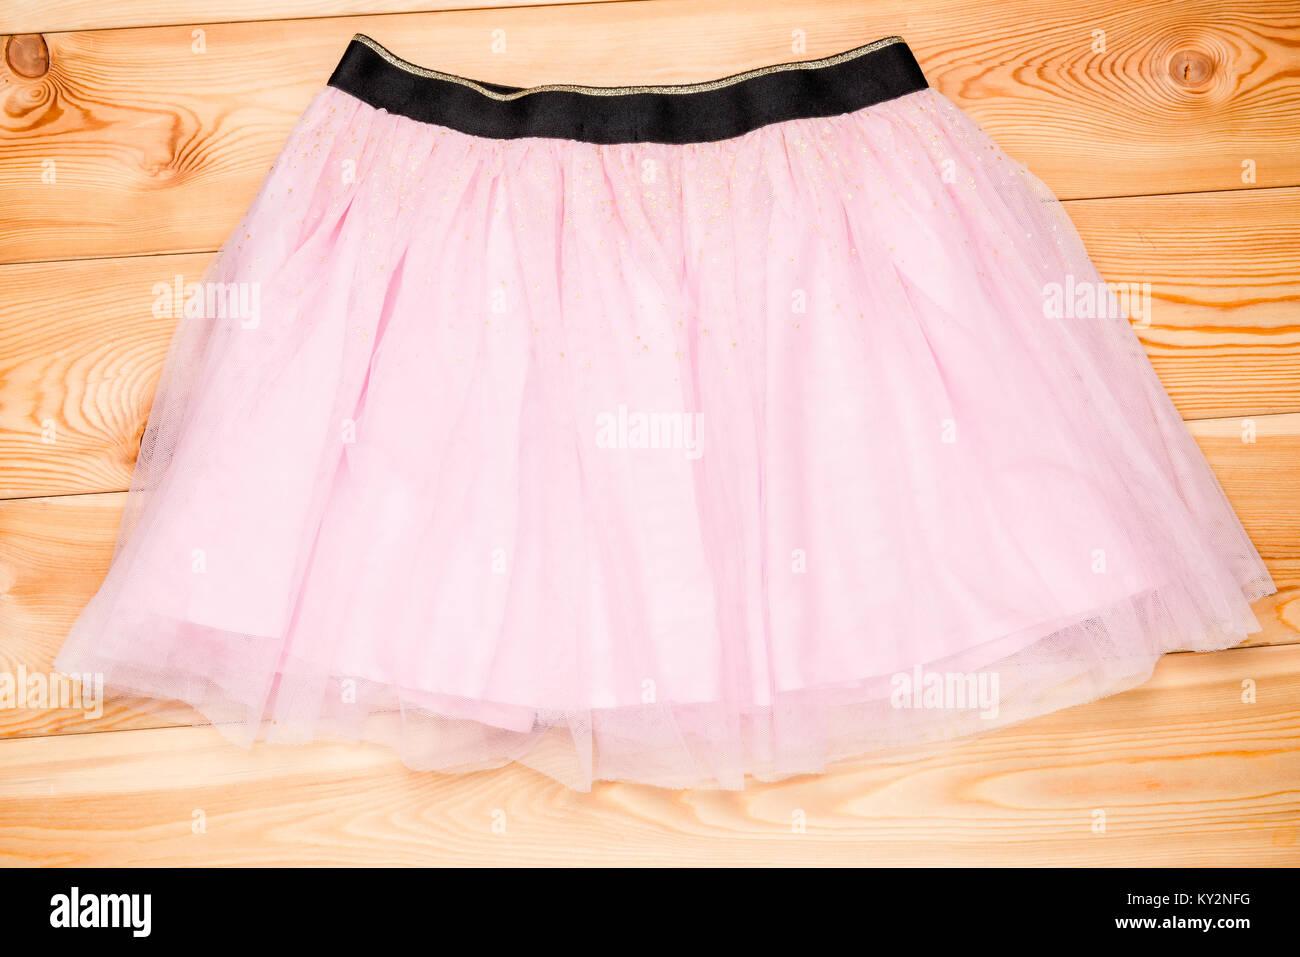 02e15cb2a Falda de tul rosa sobre tablas de madera para niñas · Konstantin Labunskiy  / Alamy Foto de stock